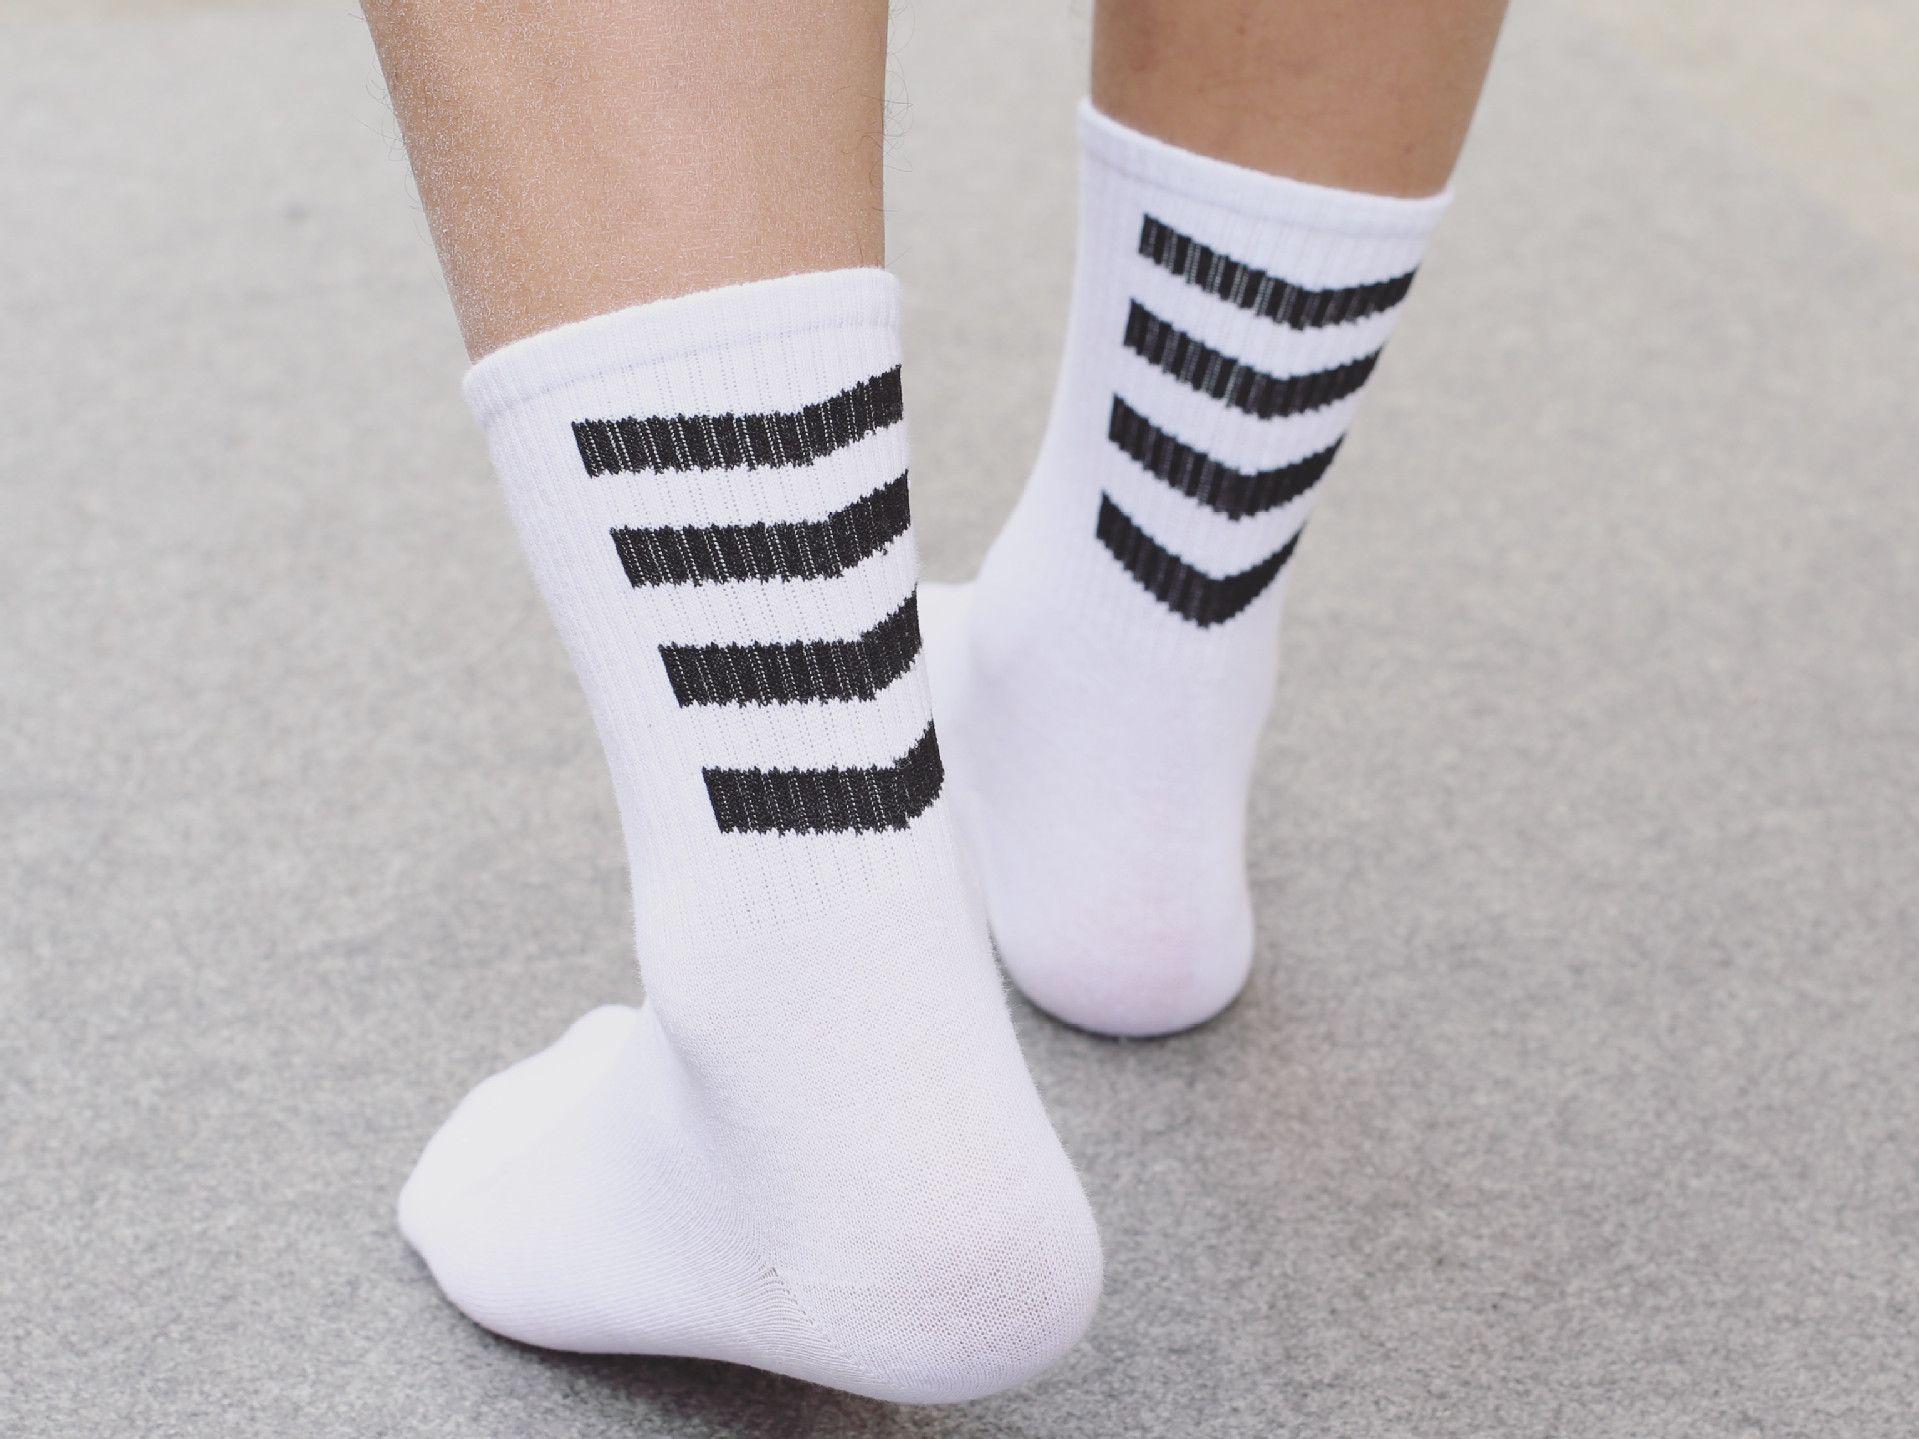 Femmes 3 Paire Baskets Chaussettes De Sport Running en coton blanc NEUF à rayures